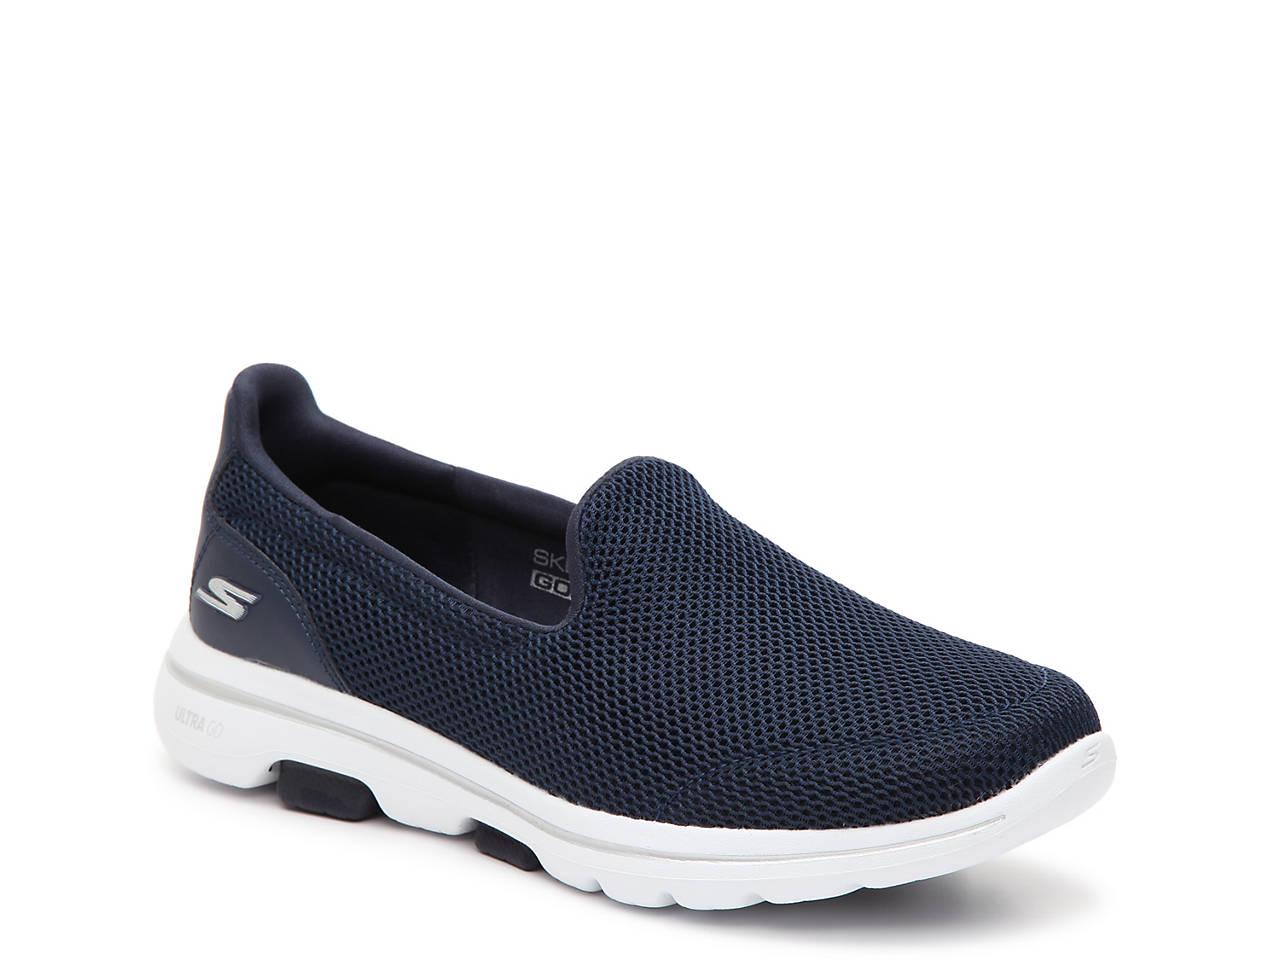 Skechers Go Walk 5 Slip On Sneaker Women's Women's Shoes | DSW